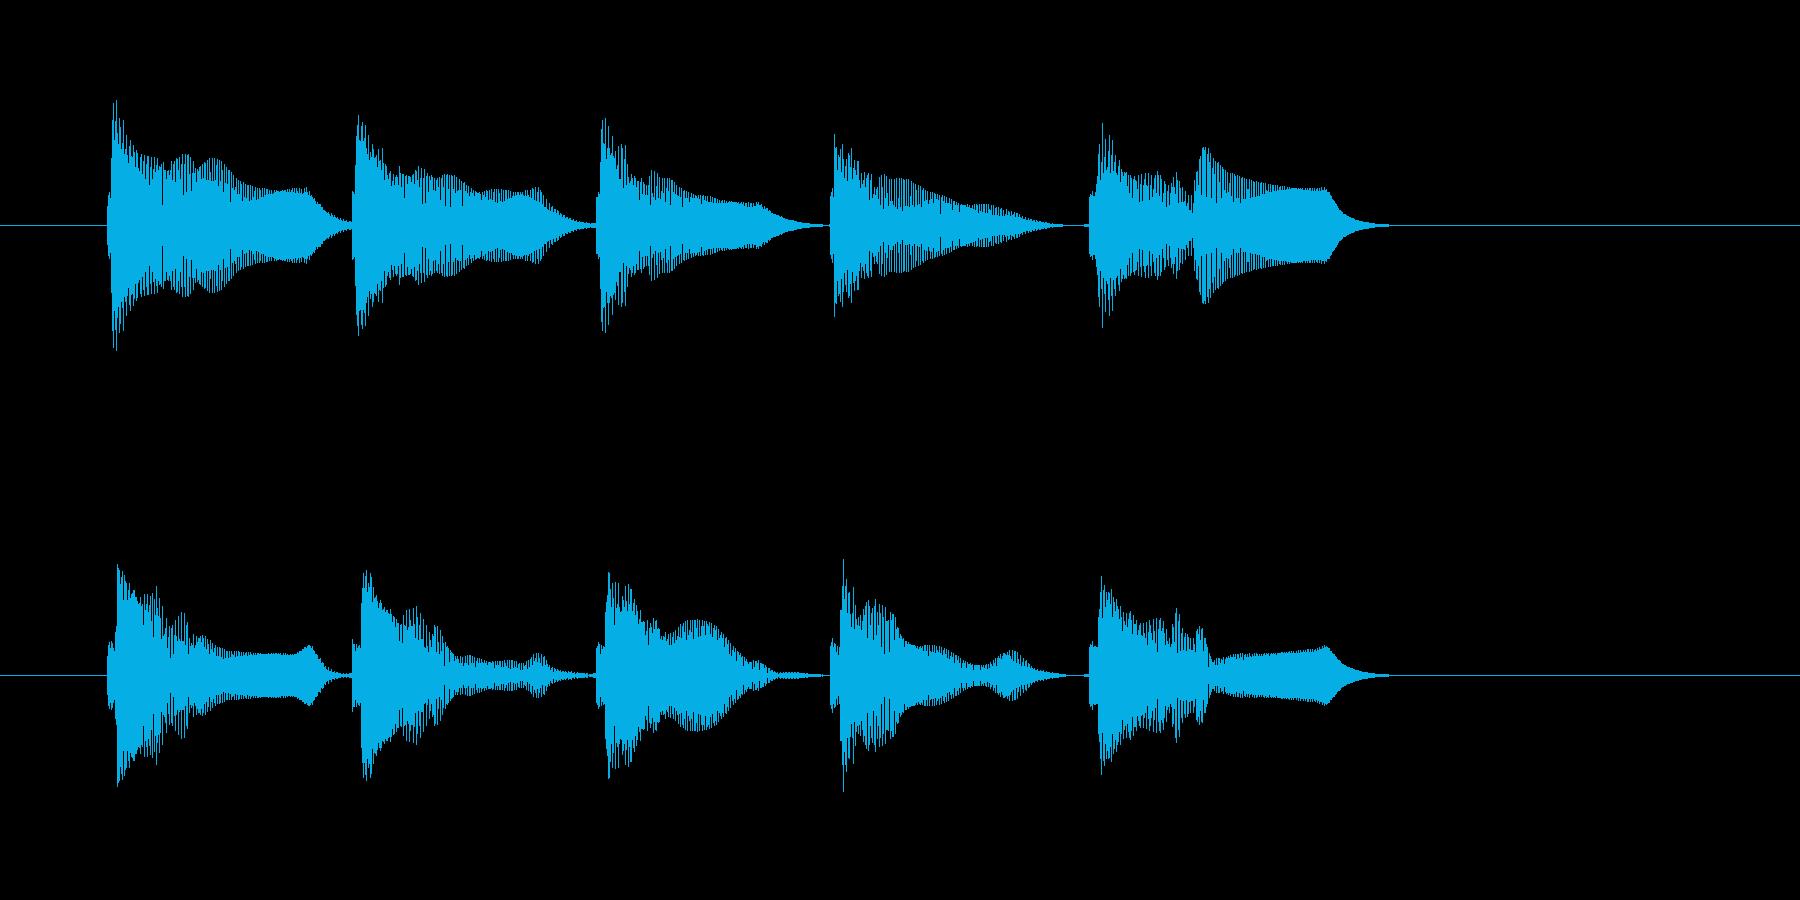 バネ_はねる_バウンド音の再生済みの波形